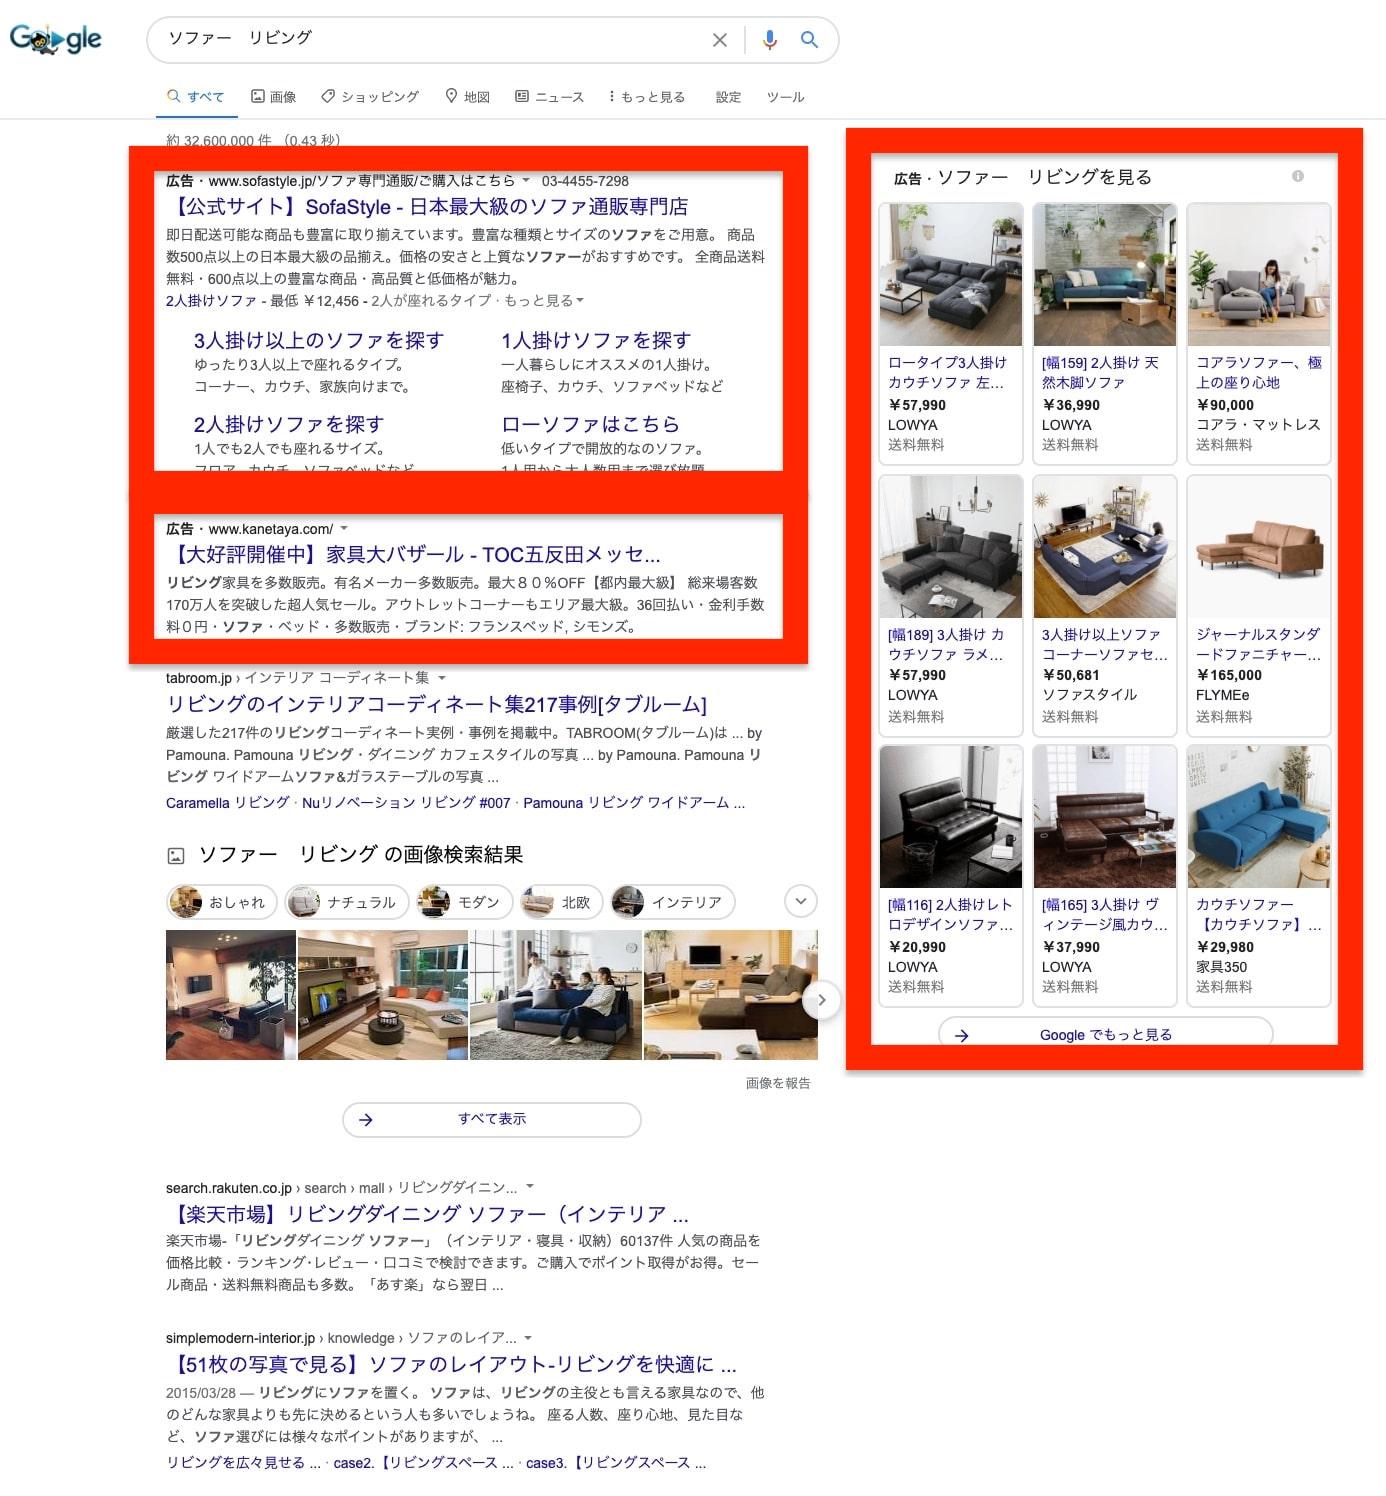 インターネット広告の事例|リスティング広告